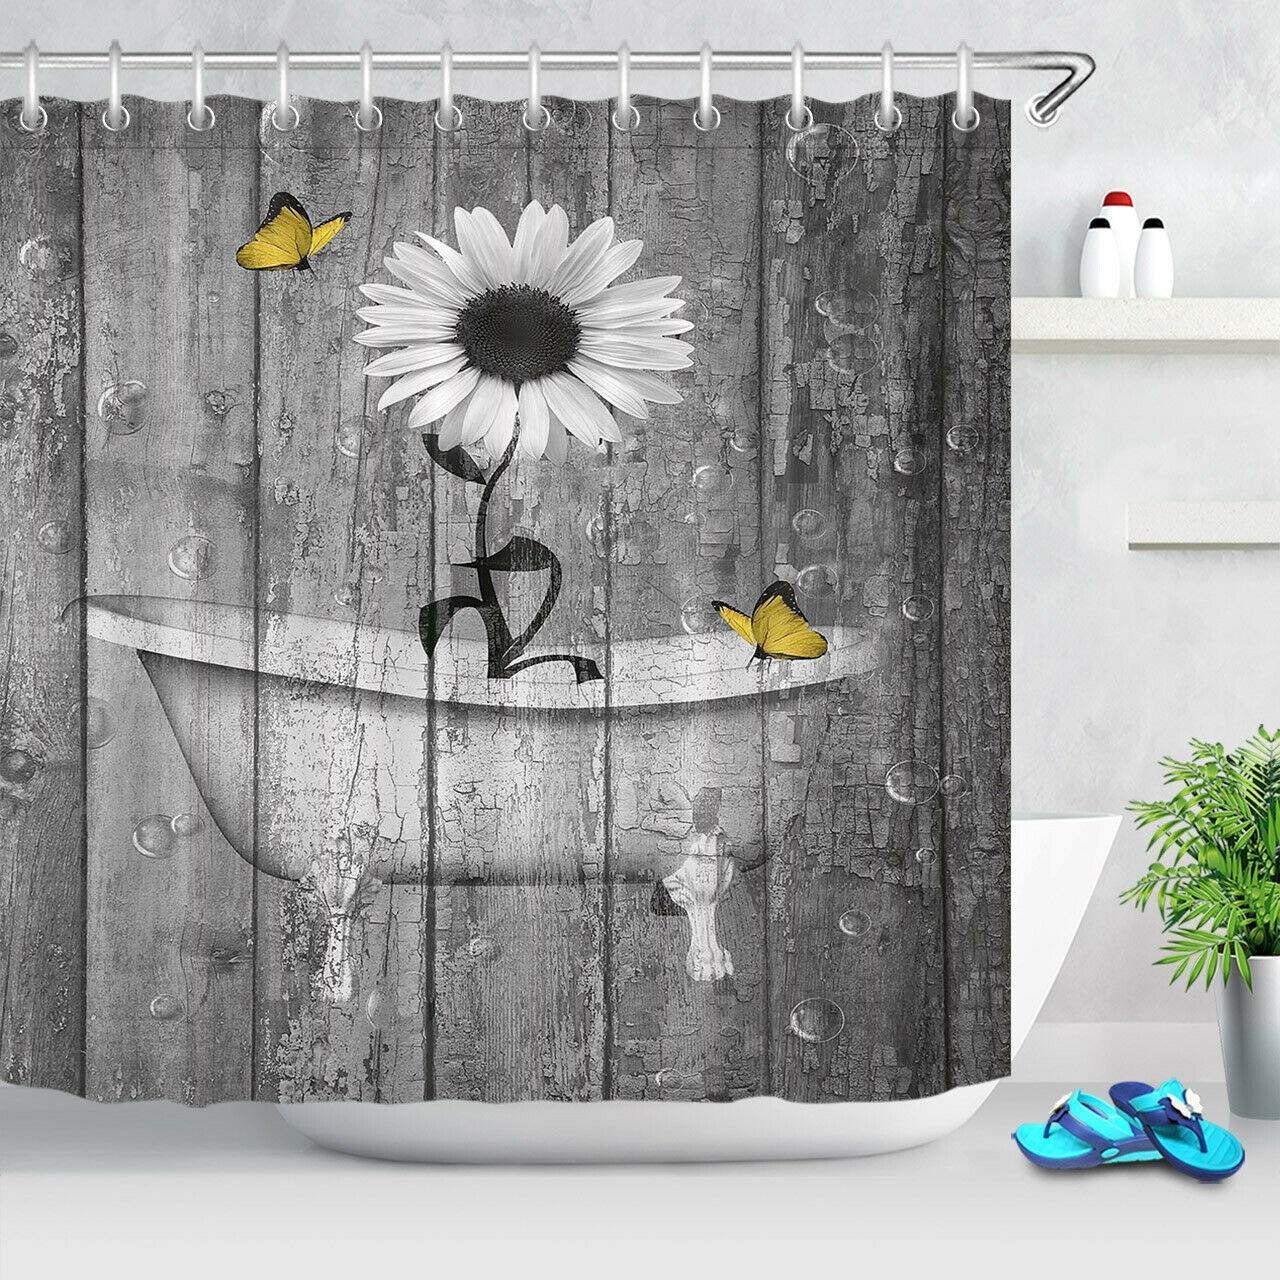 Wood Board Bathtub White Flower Shower Curtain Bathroom Accessory Sets